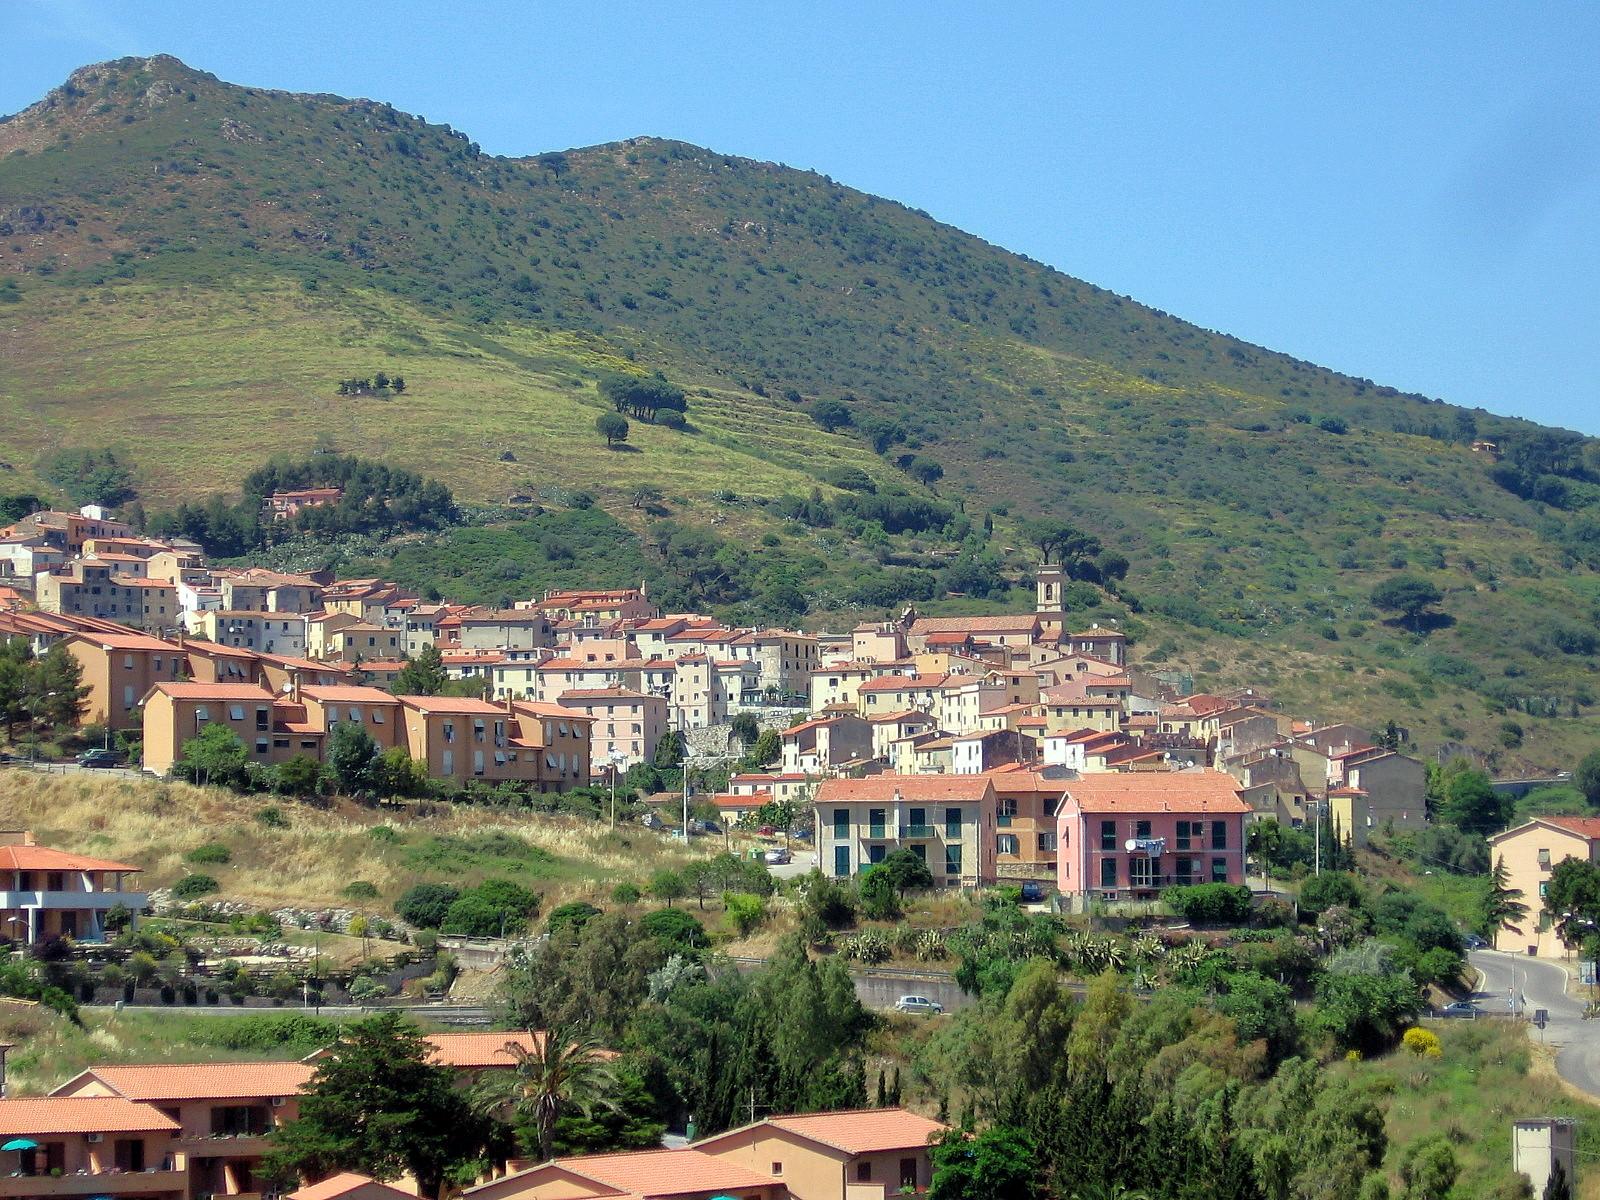 Rio nell'Elba und der zu erklimmende Monte Strega